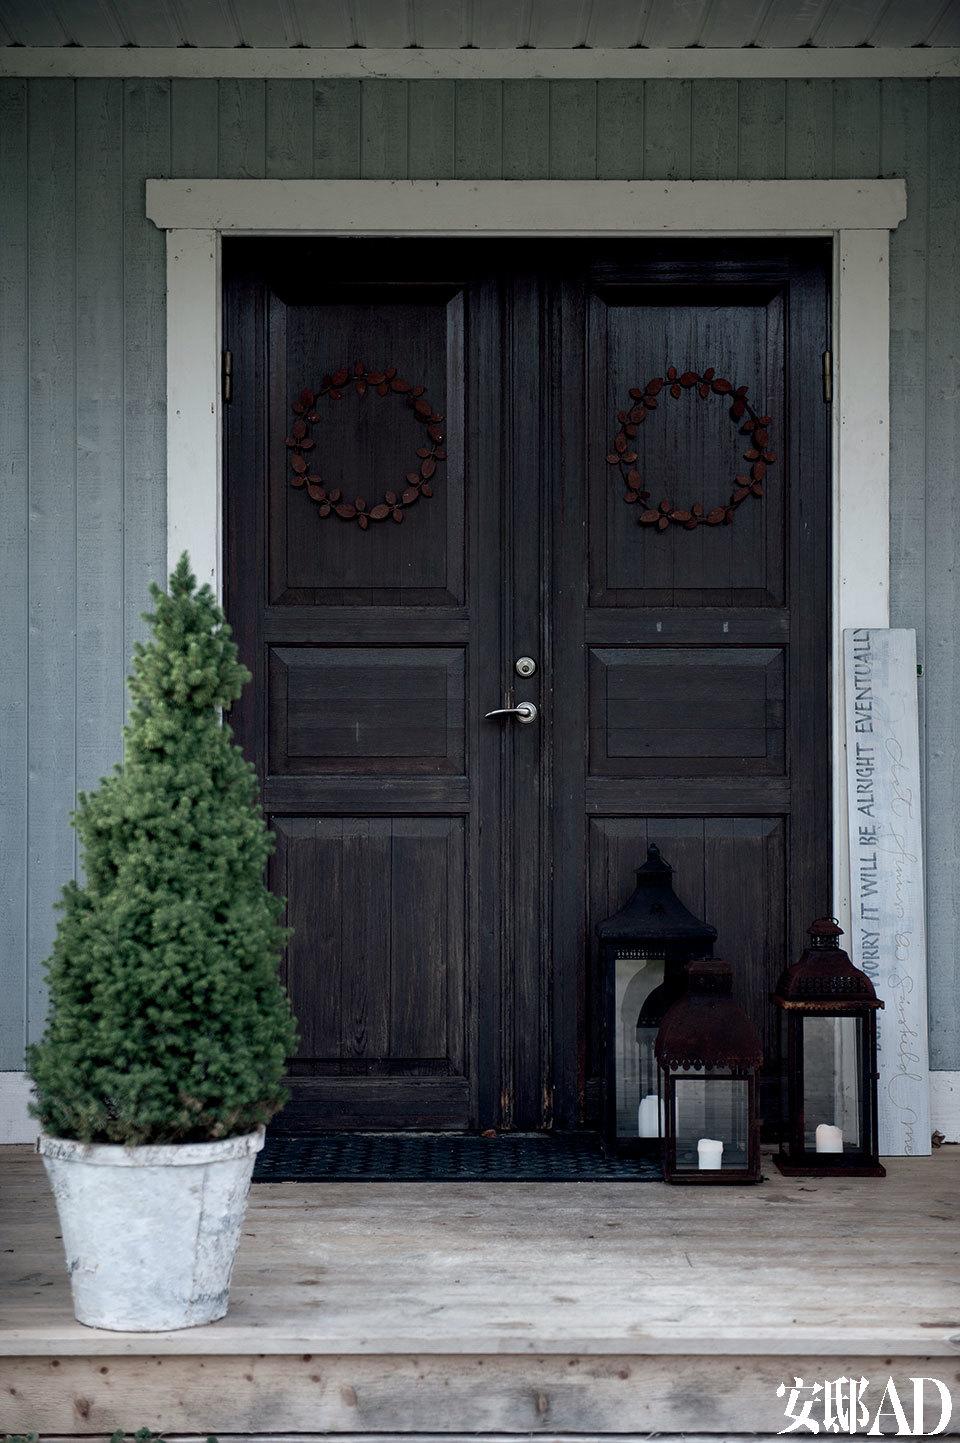 整栋房子的前门从屋外看是表面略显暗沉、无光泽的黑色,从屋里看却是光泽饱满的黑色。